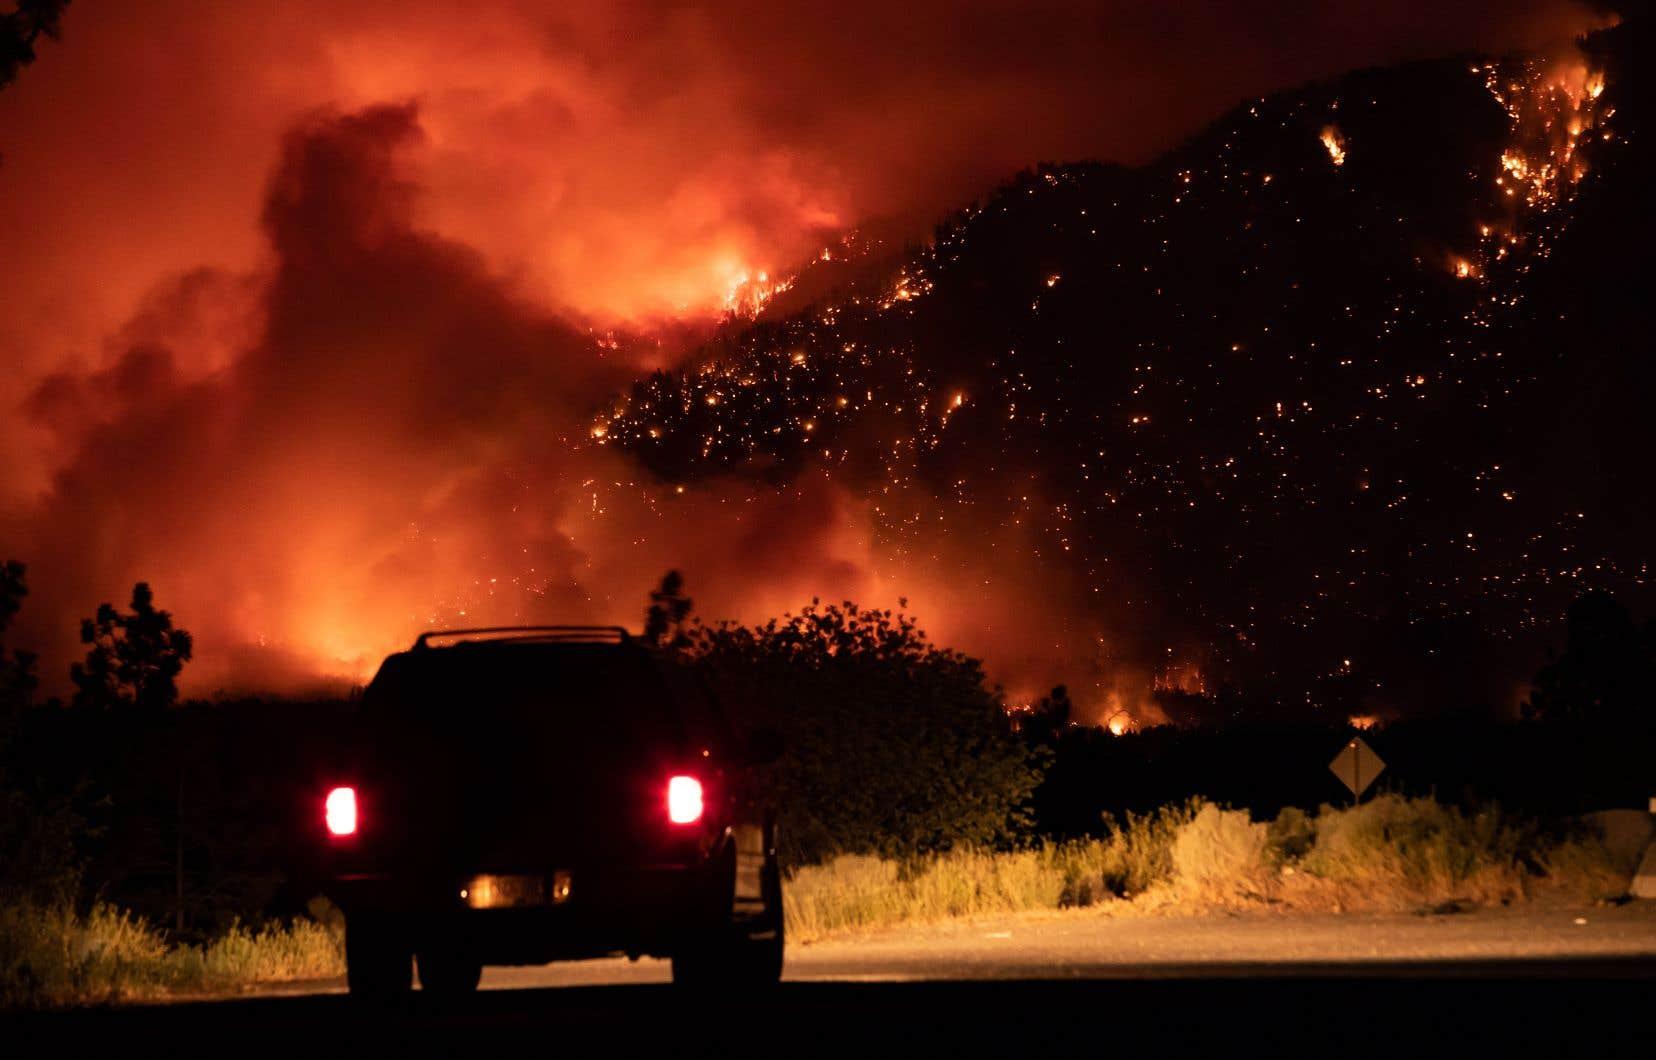 Le service contre les incendies de forêt indique que 196 incendies de forêt actifs brûlent actuellement en Colombie-Britannique.